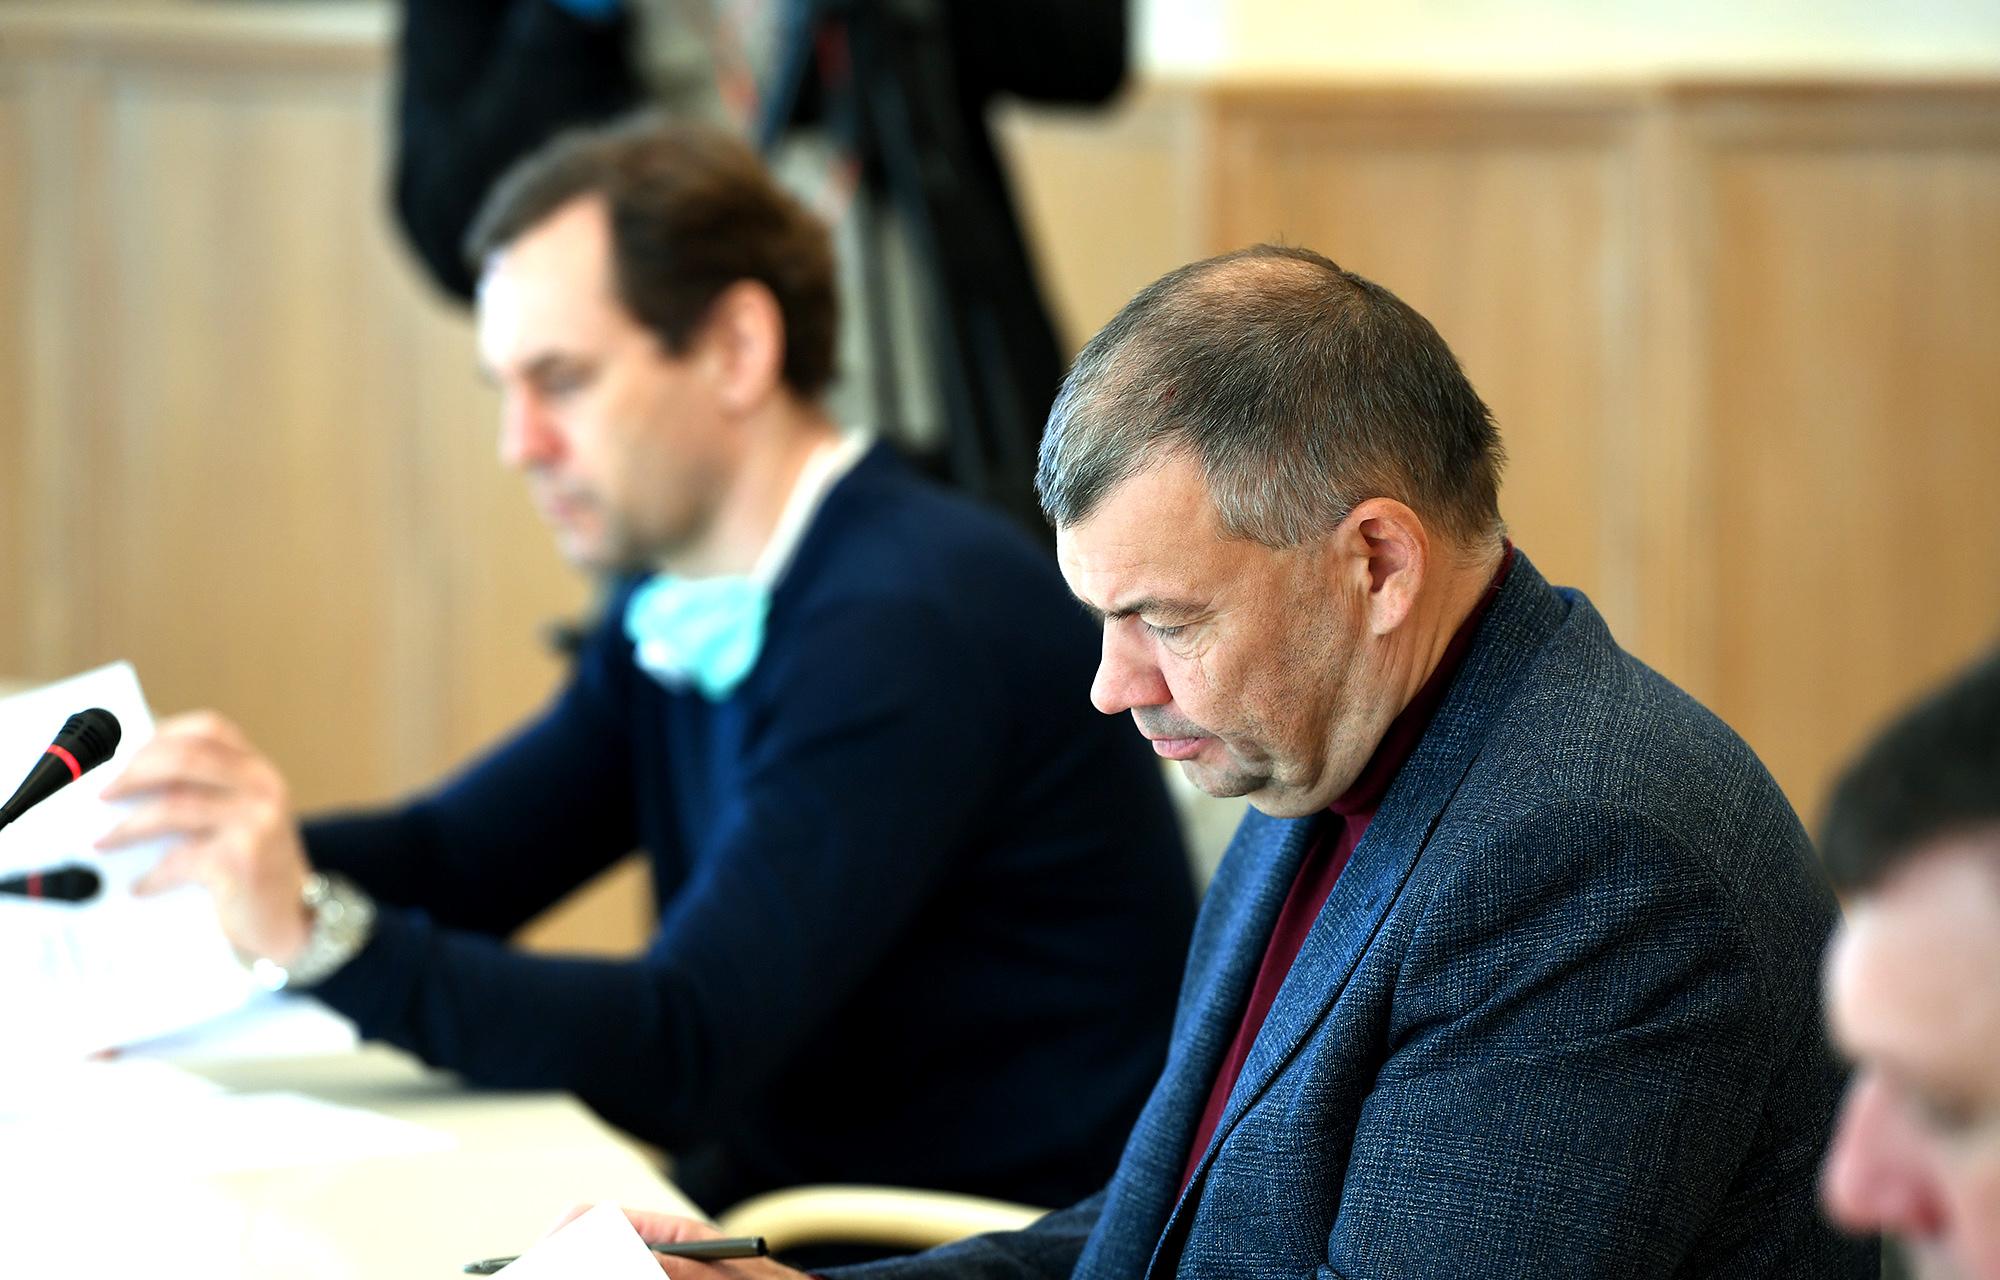 В Твери обсудили реализацию новых инвестиционных проектов с руководителями крупных бизнес-объединений - новости Афанасий